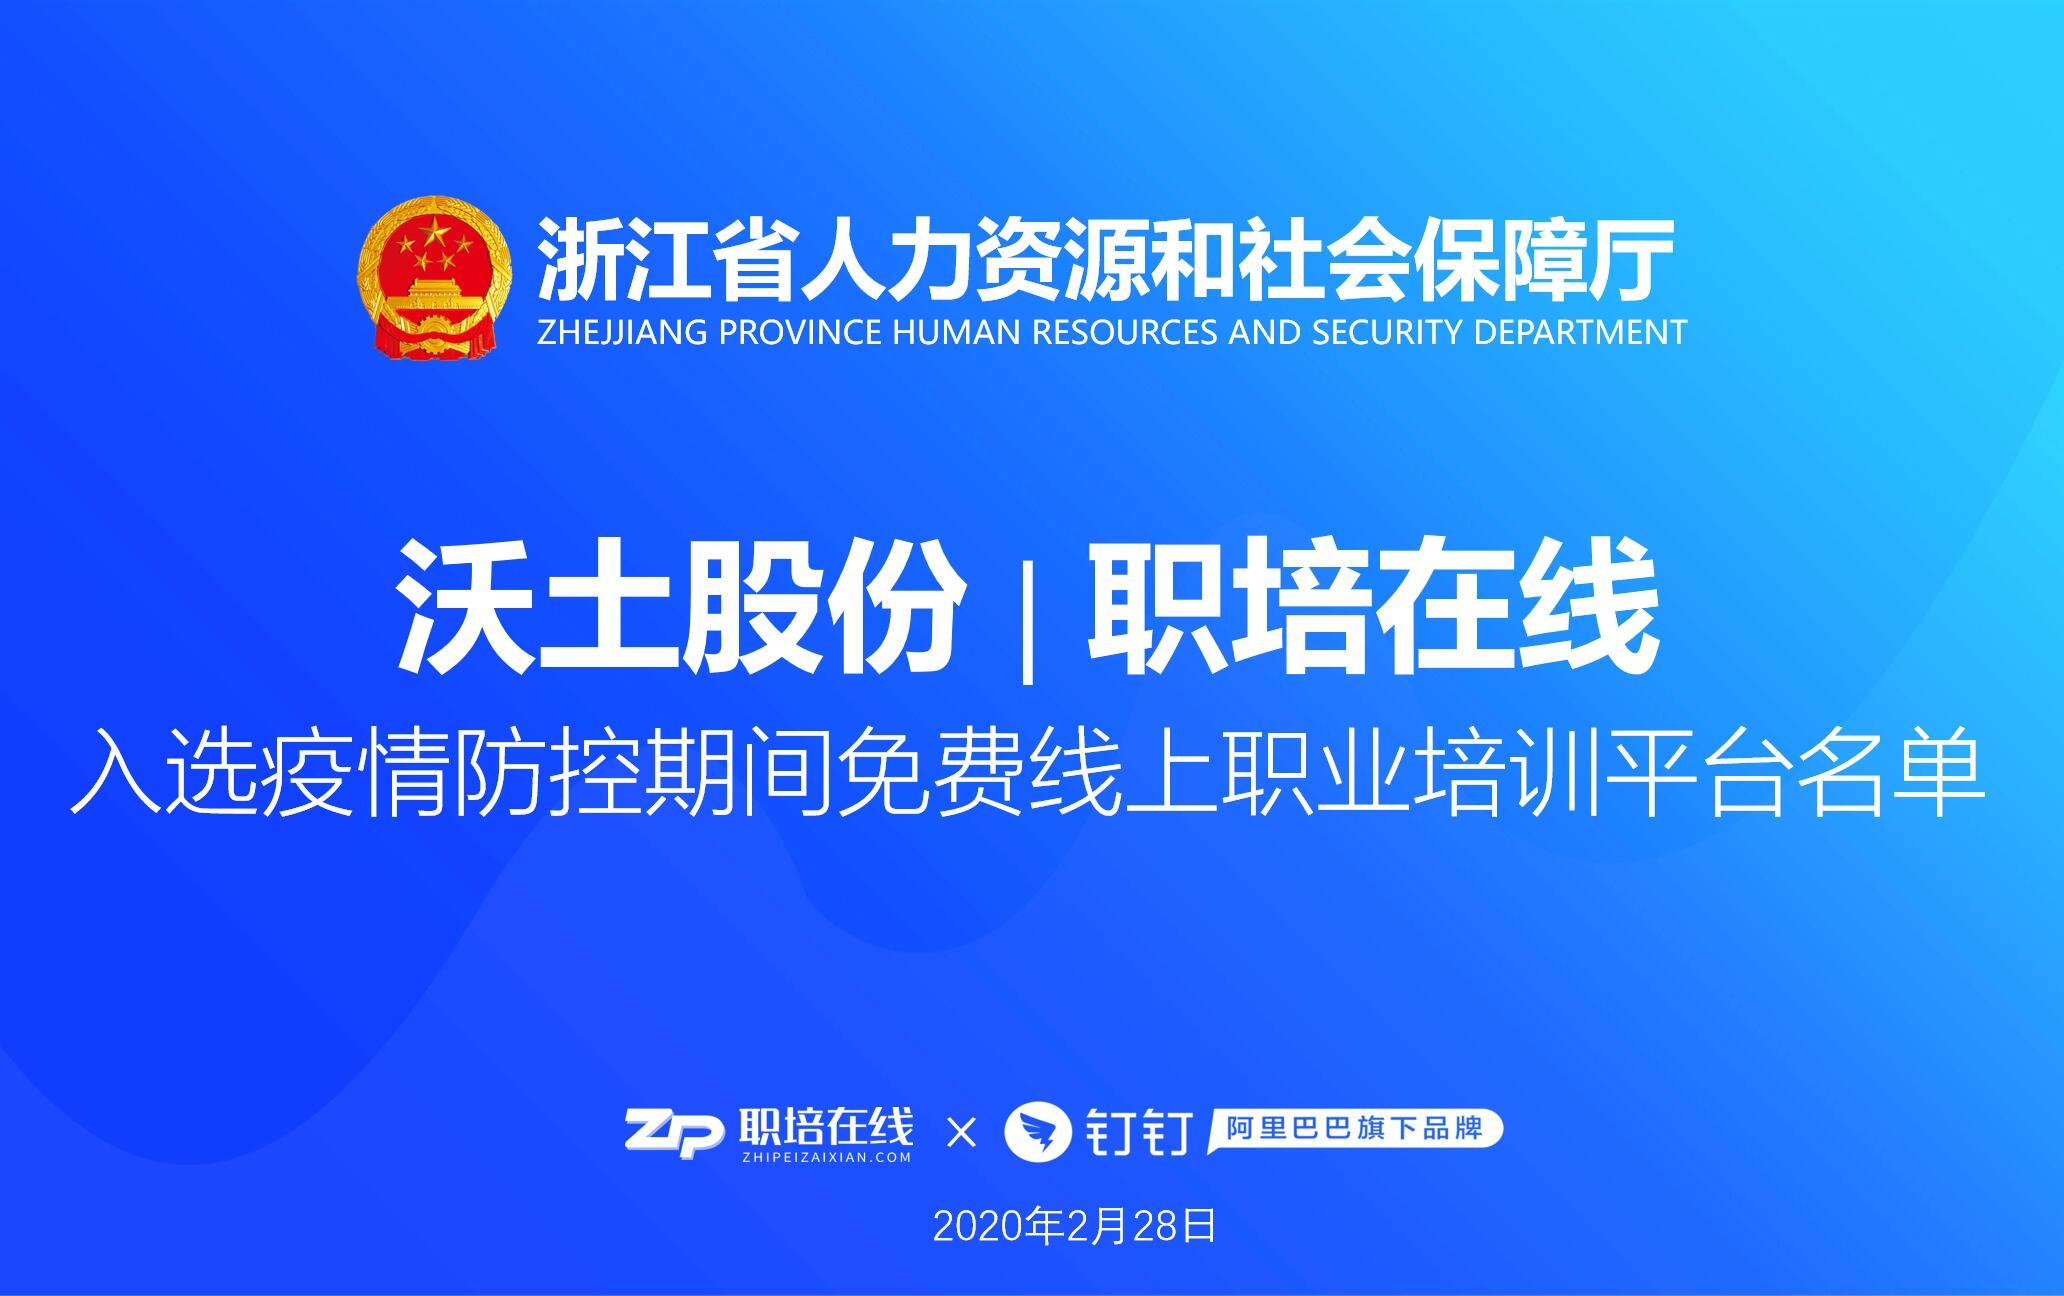 浙江省人社厅 | 职培在线入选线上职培平台名单